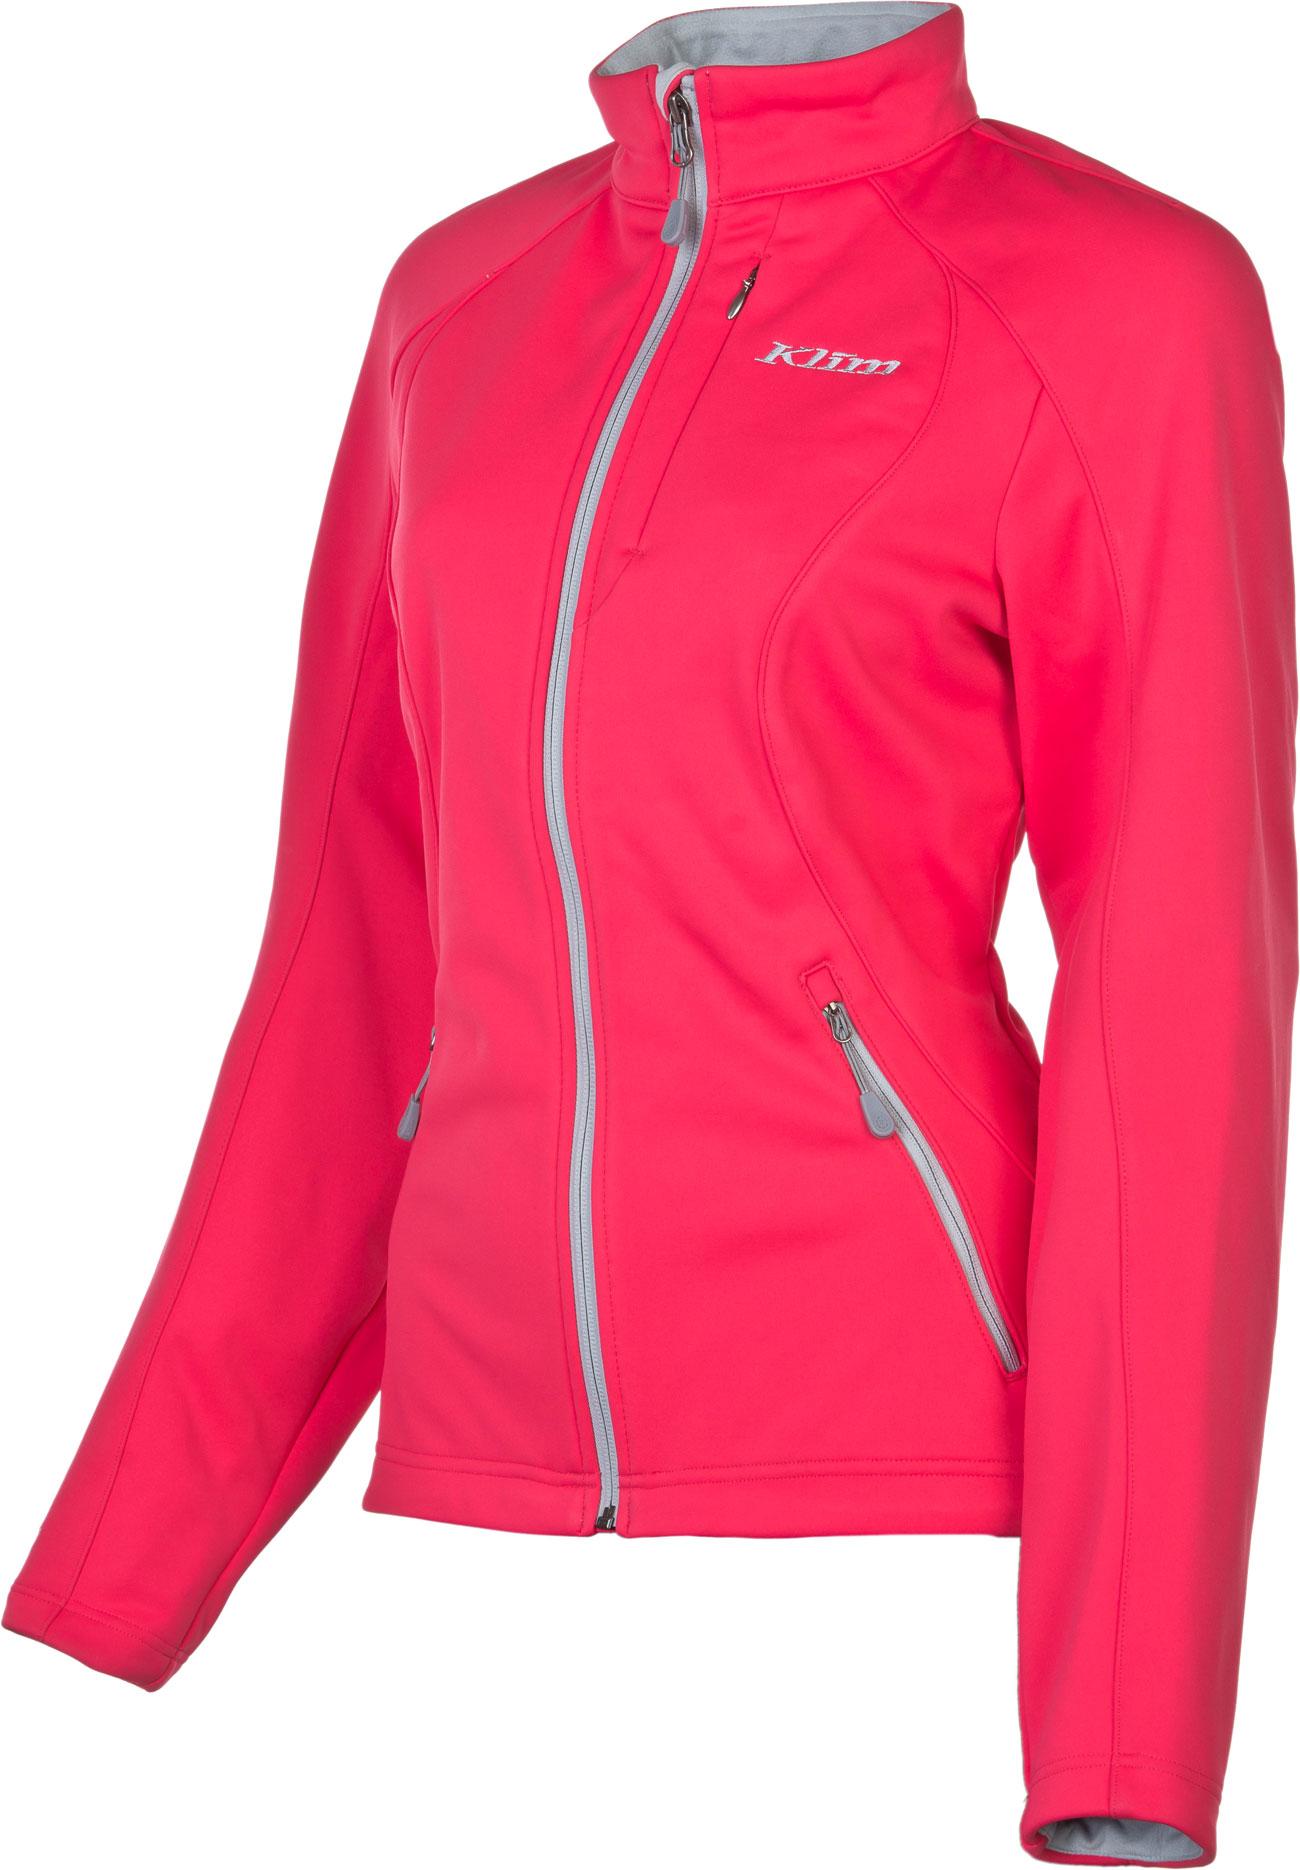 Klim Whistler, Jacke Damen - Pink - XS 4023-001-110-700